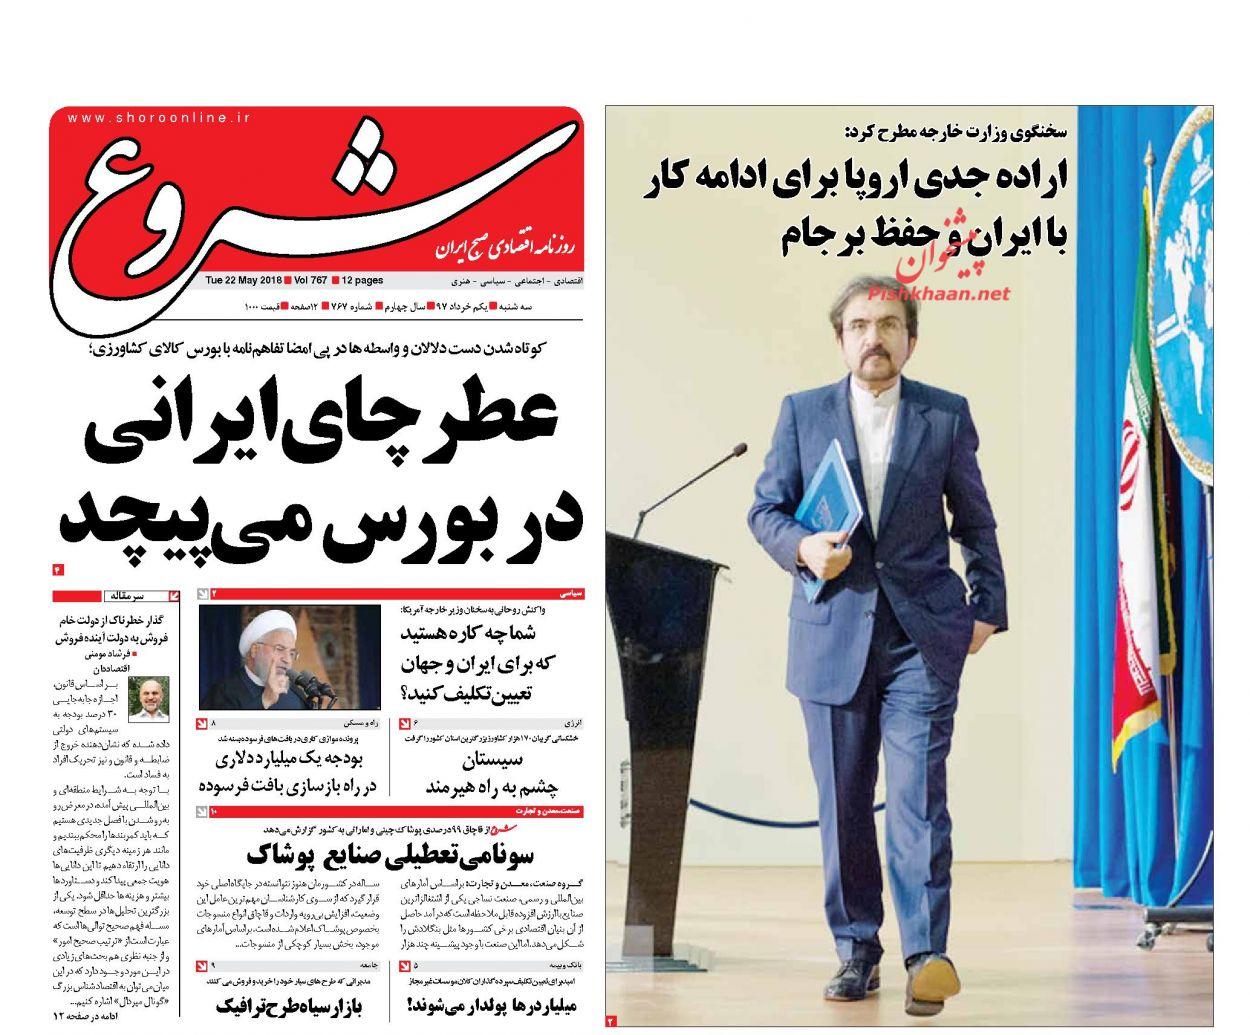 صفحه نخست روزنامه های اقتصادی 1 خردادماه